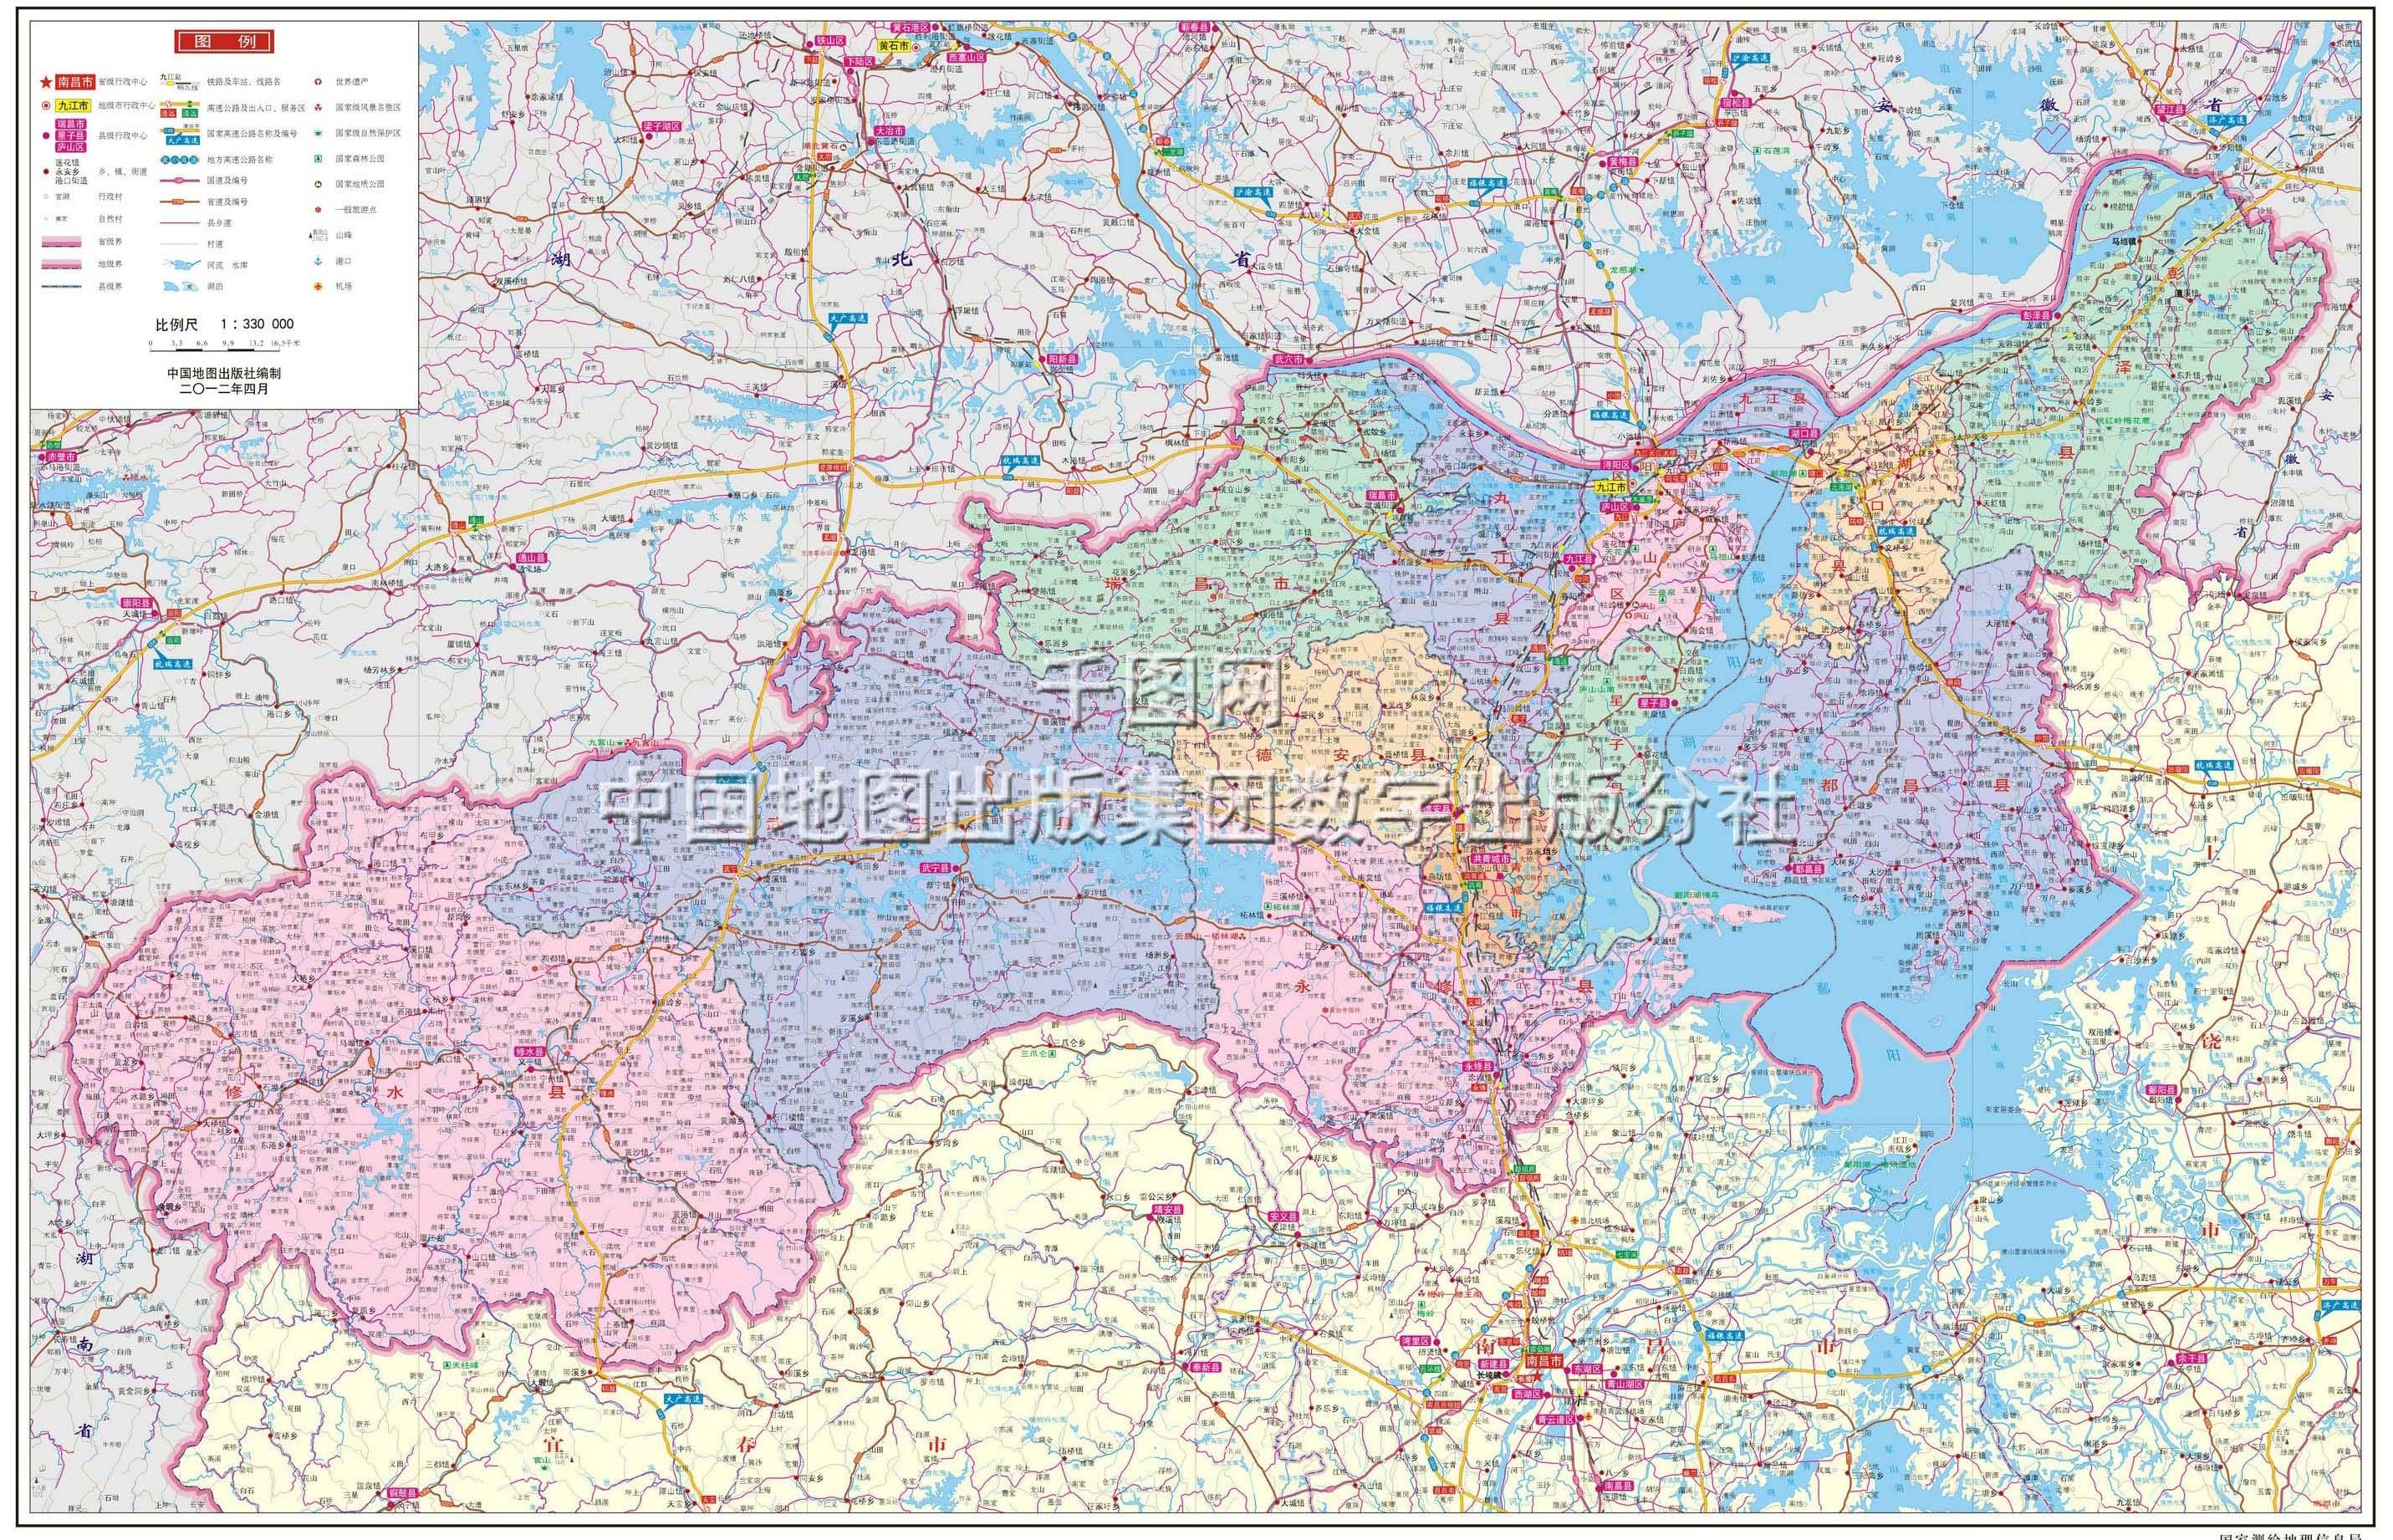 九江市地图高清版